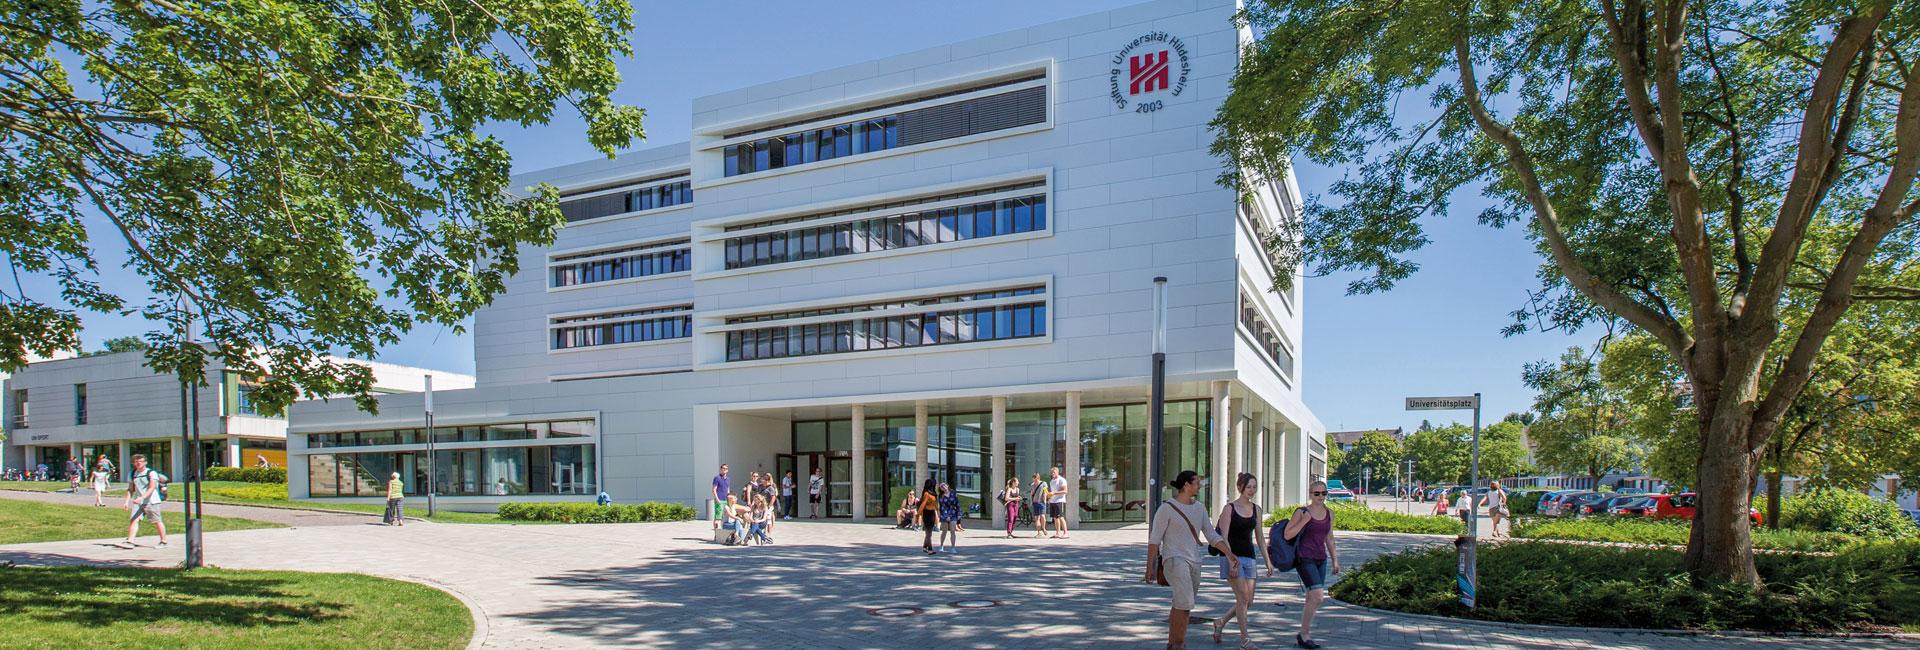 Blick auf die Universität Hildesheim